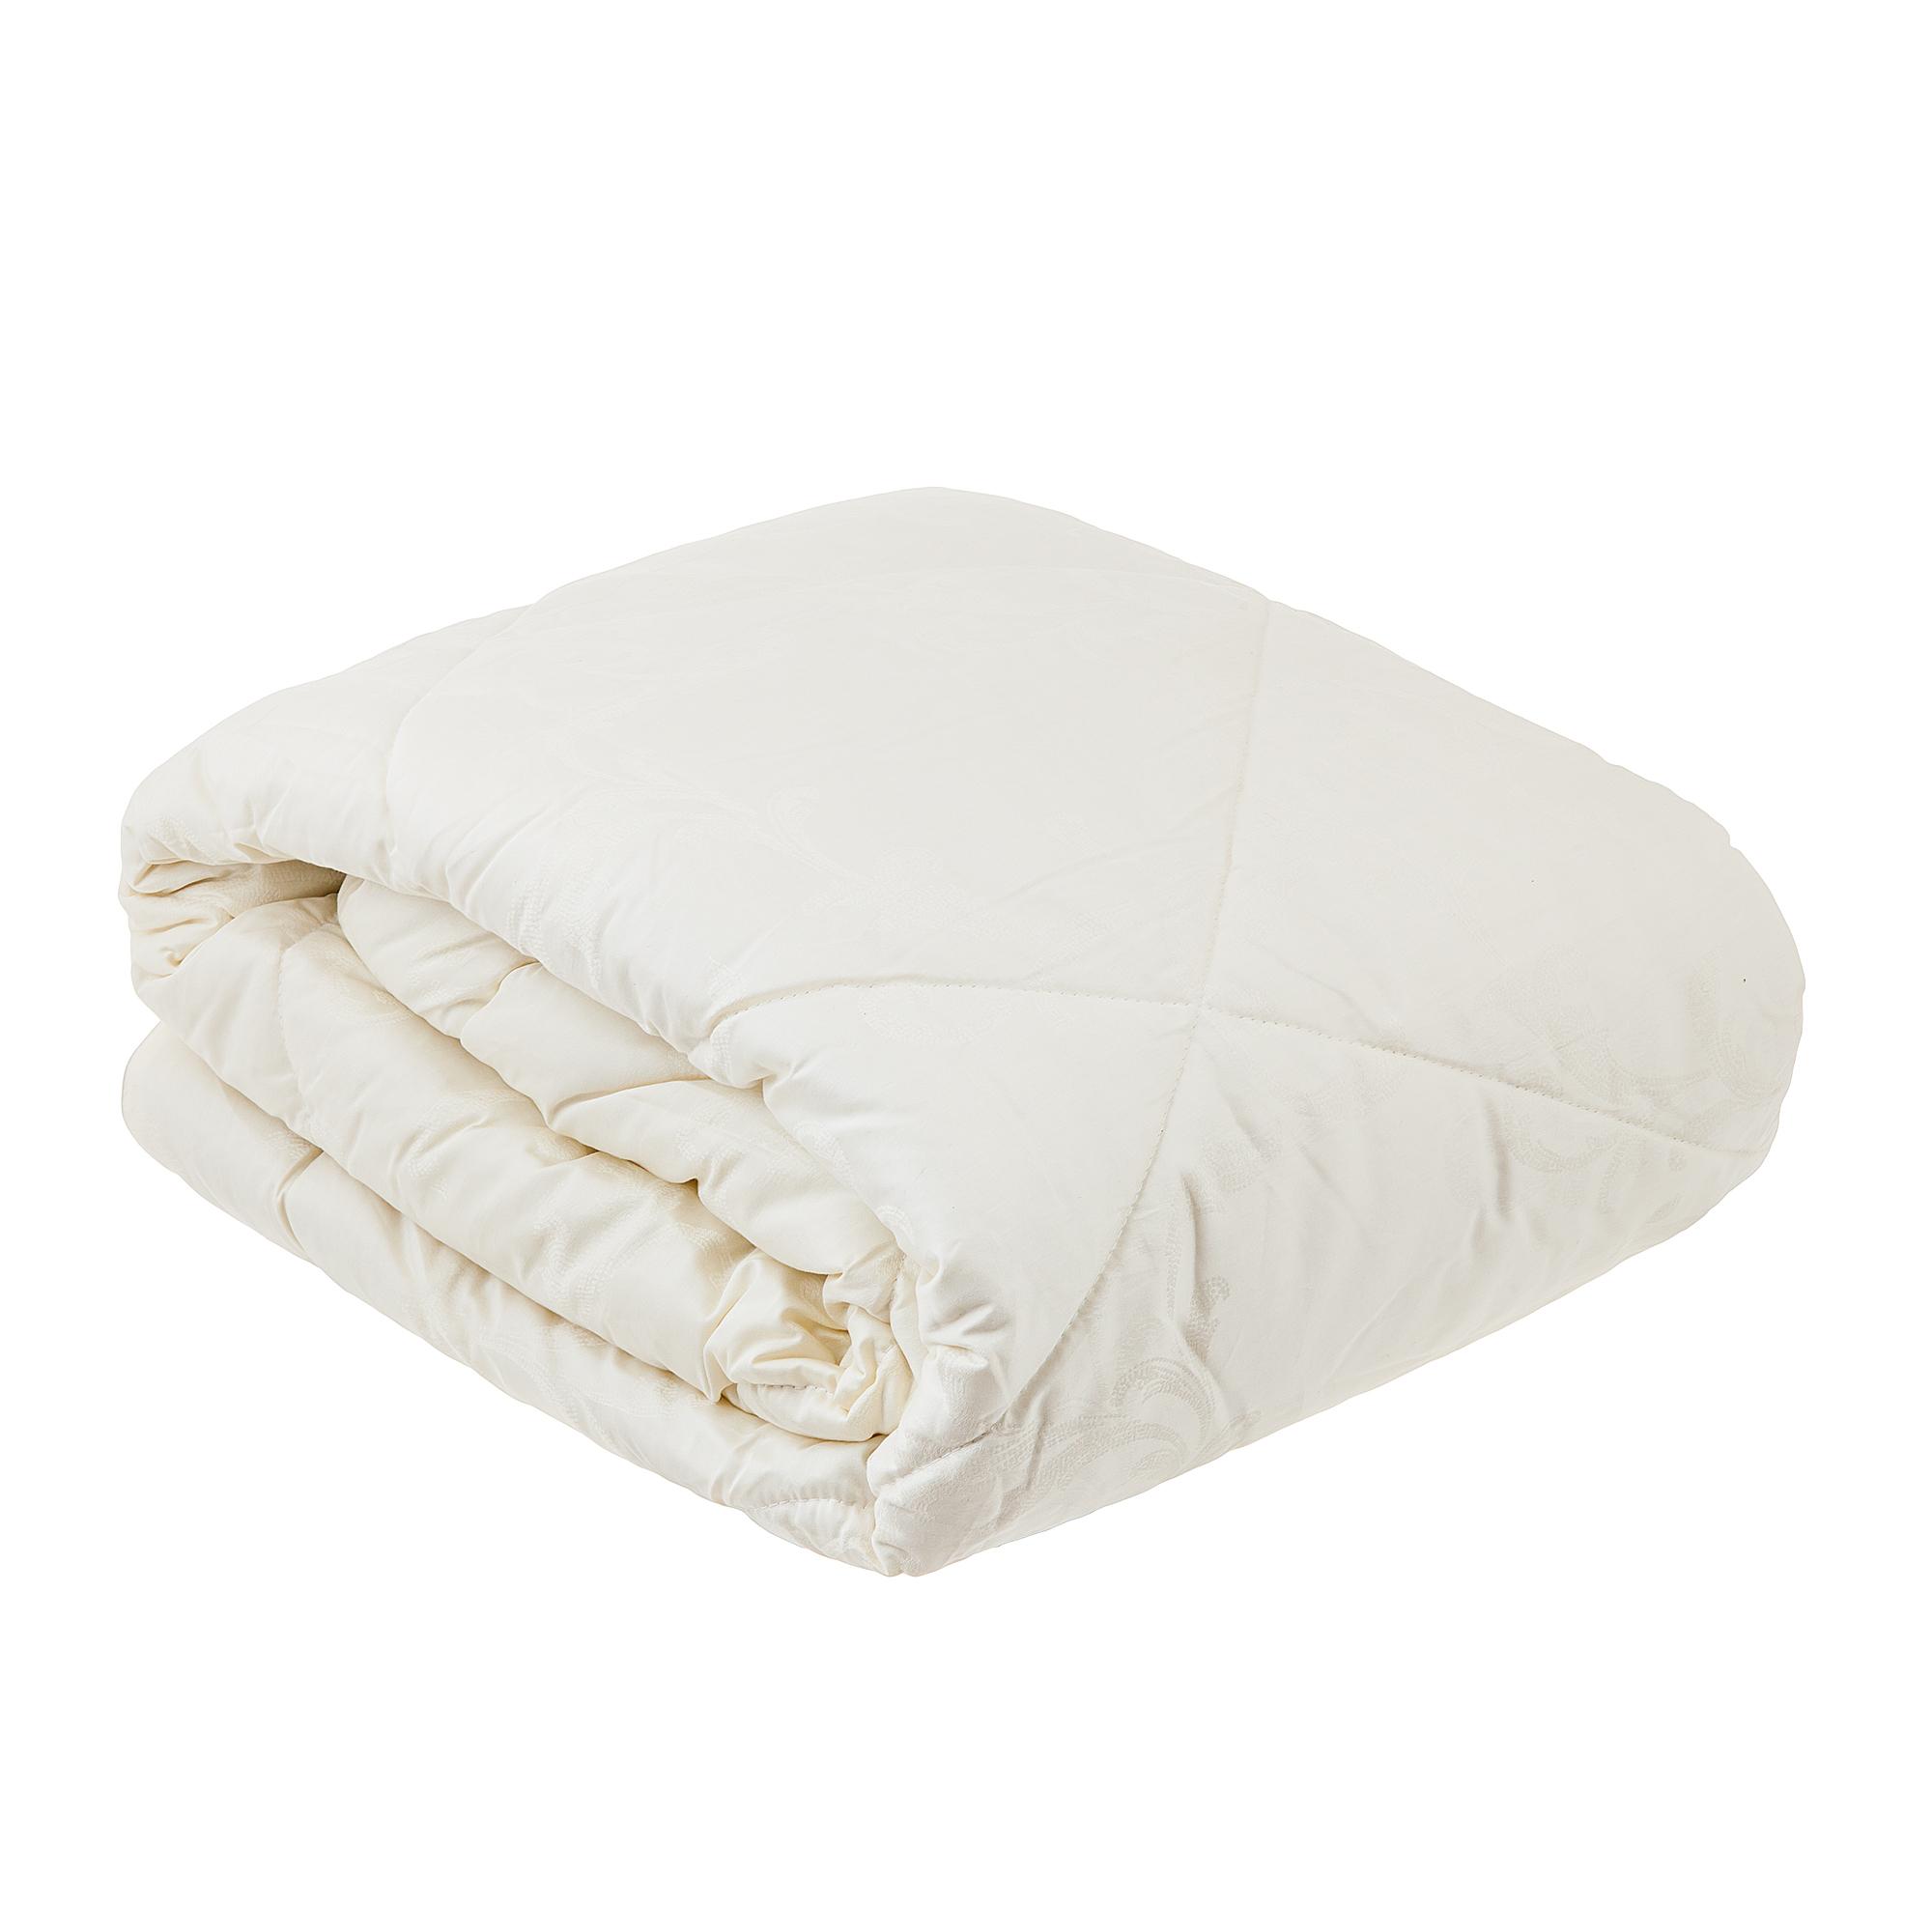 Одеяло стеганое легкое руно 172x205 Belashoff